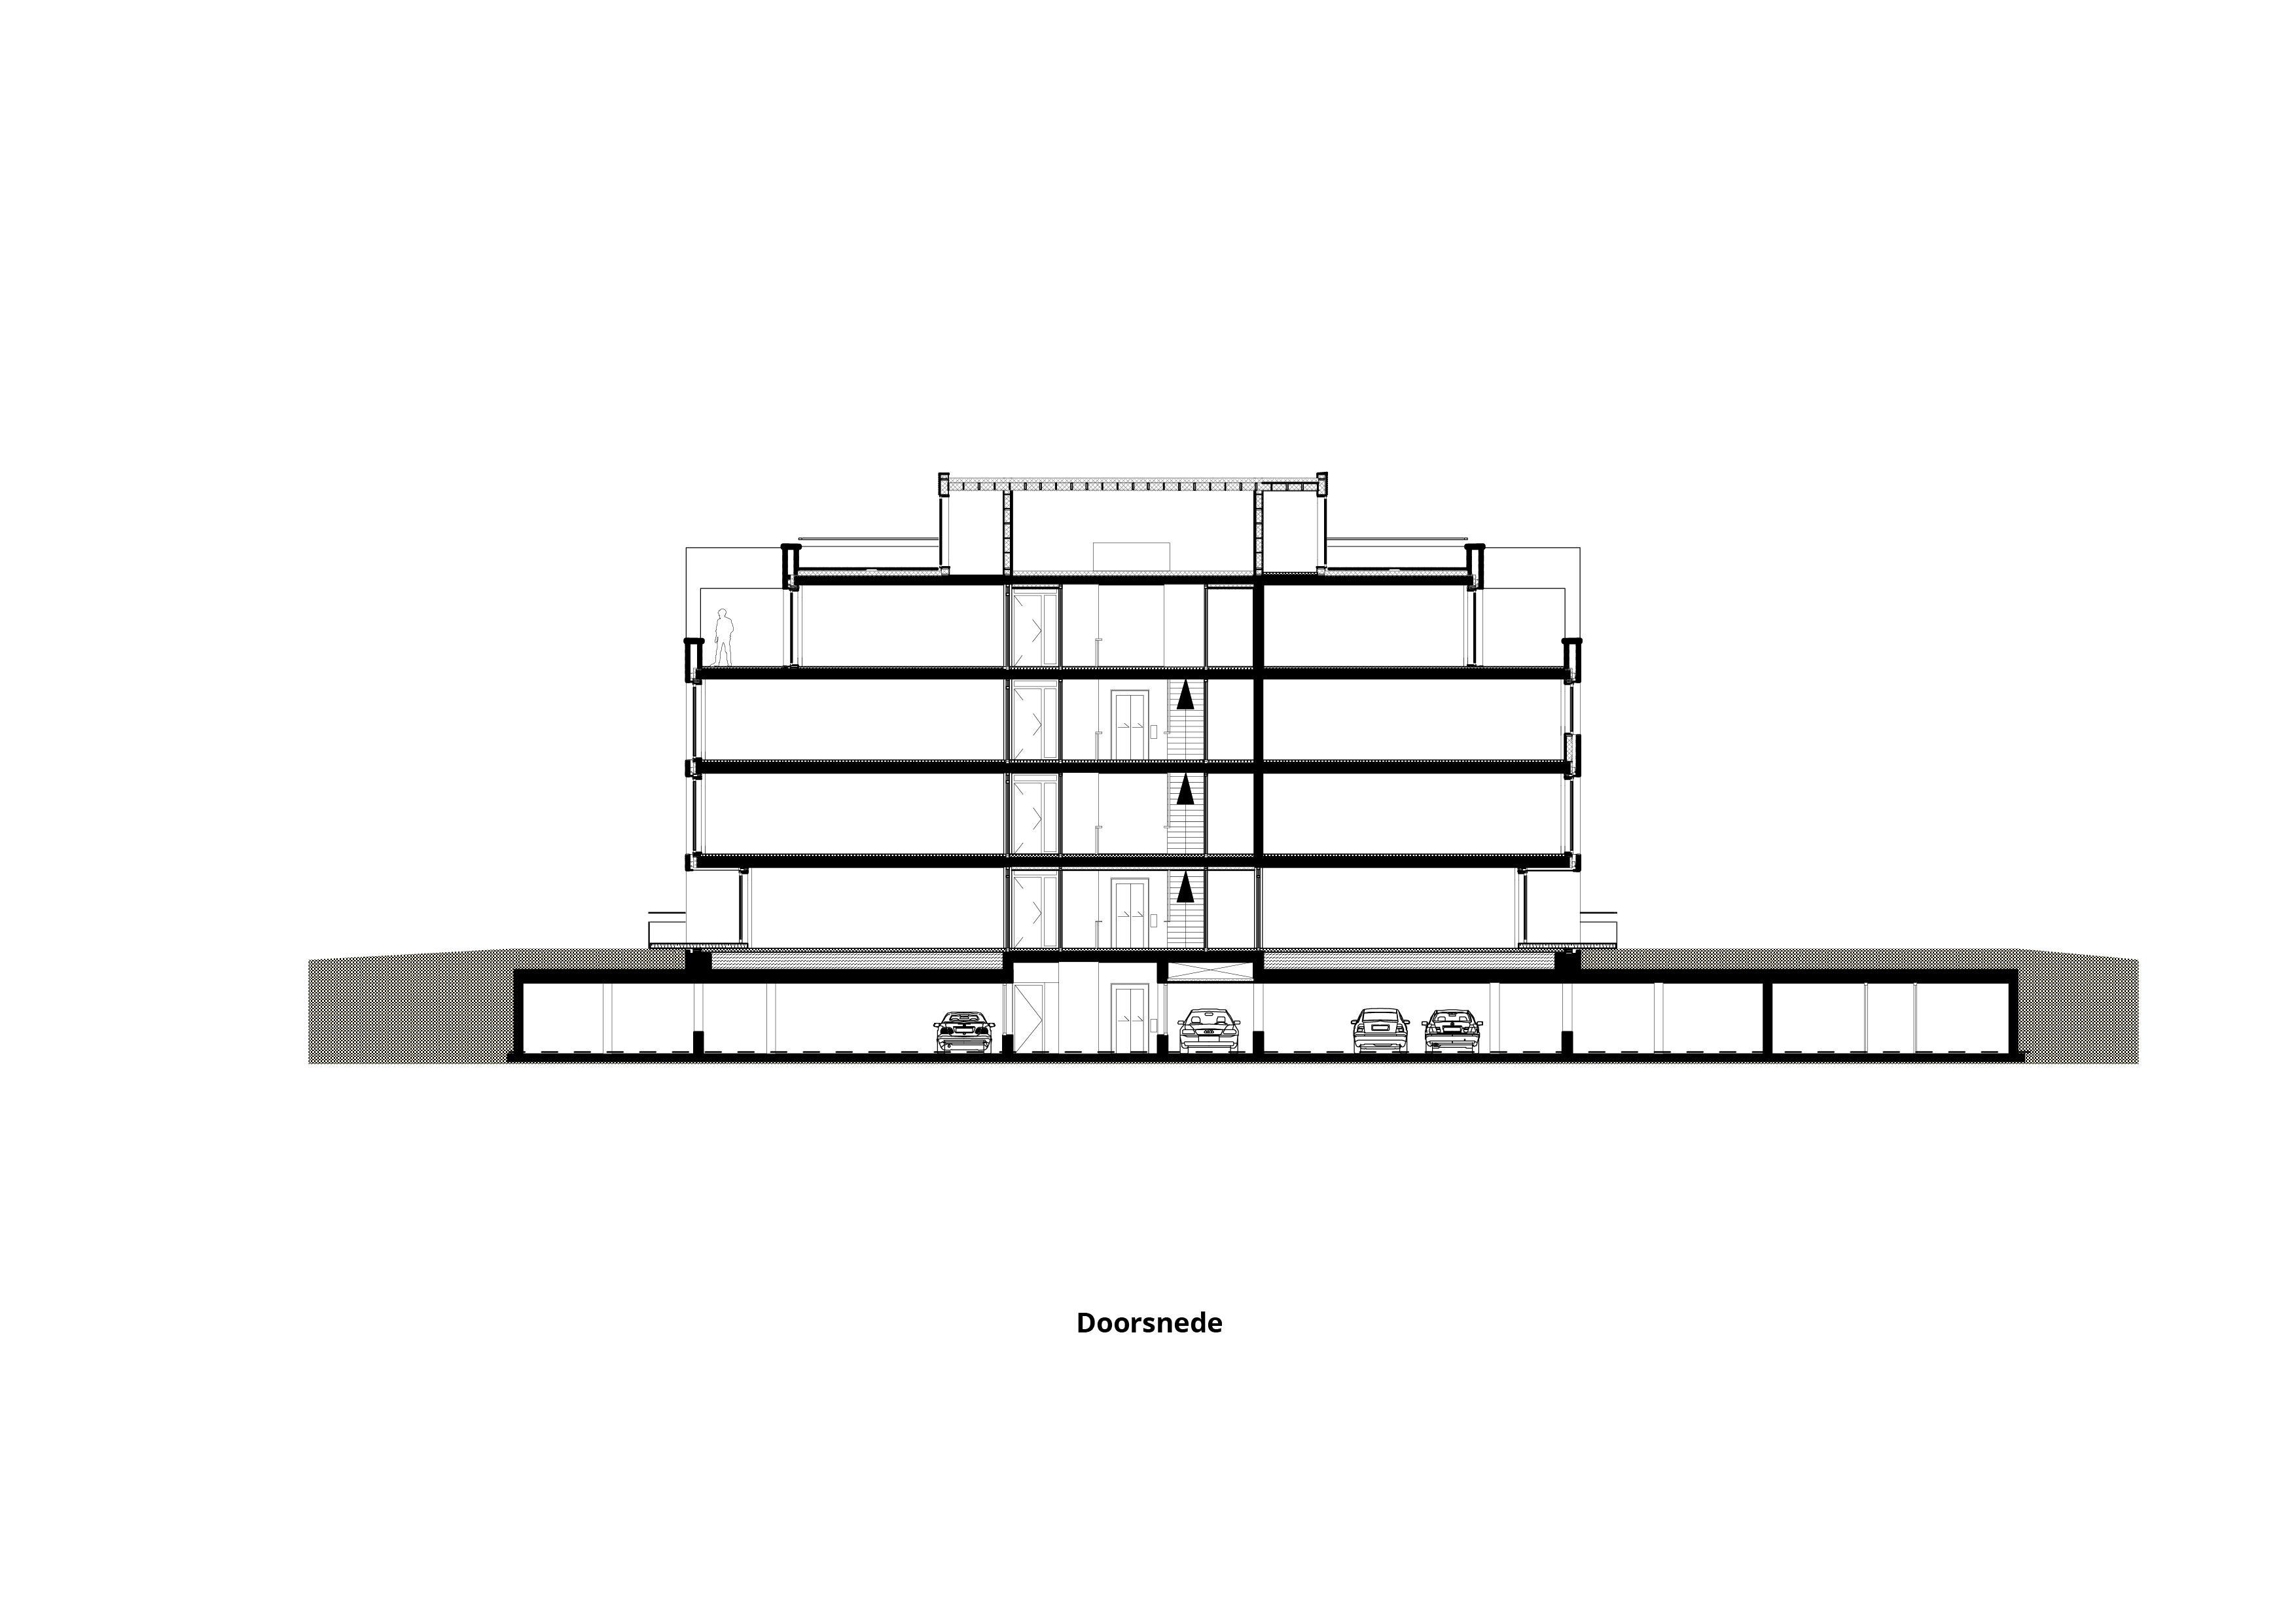 Laanvilla's Noordwijkerduin – Doorsnede